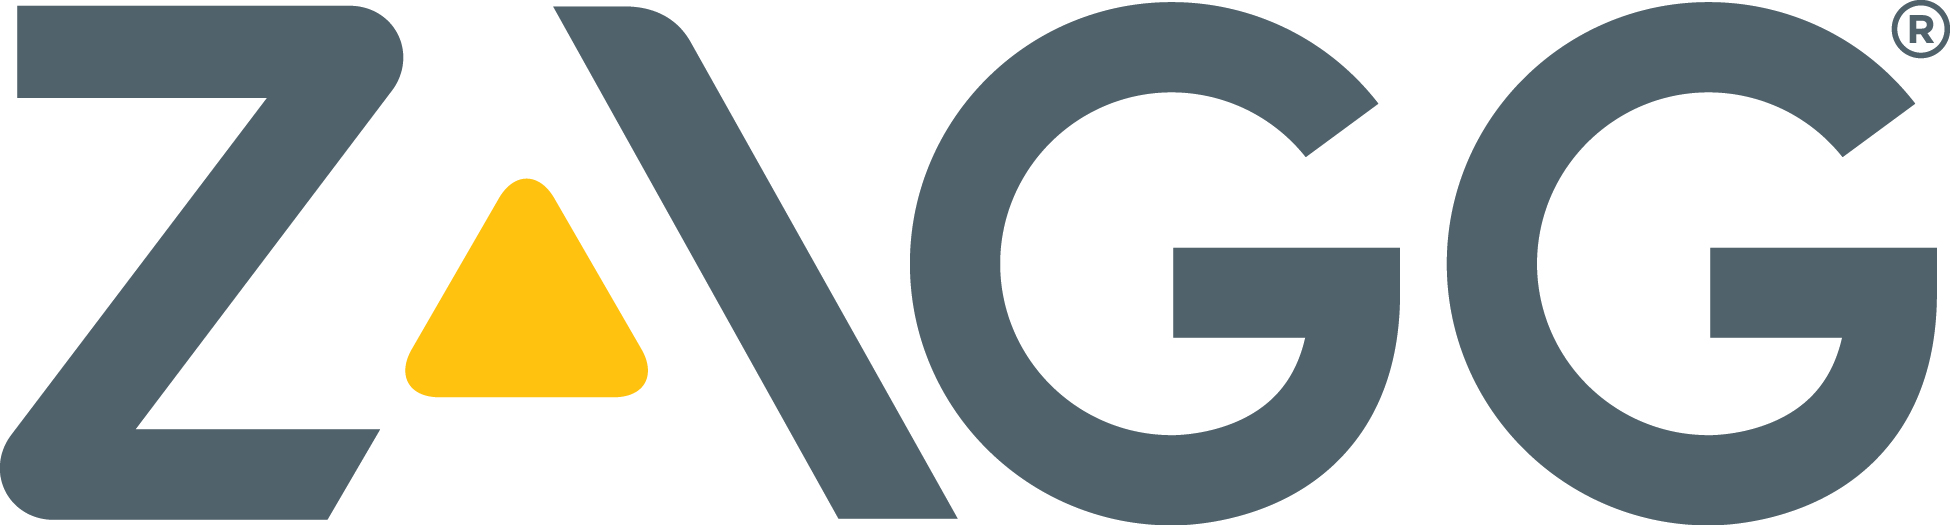 ZAGG_Logo_FULL.jpg